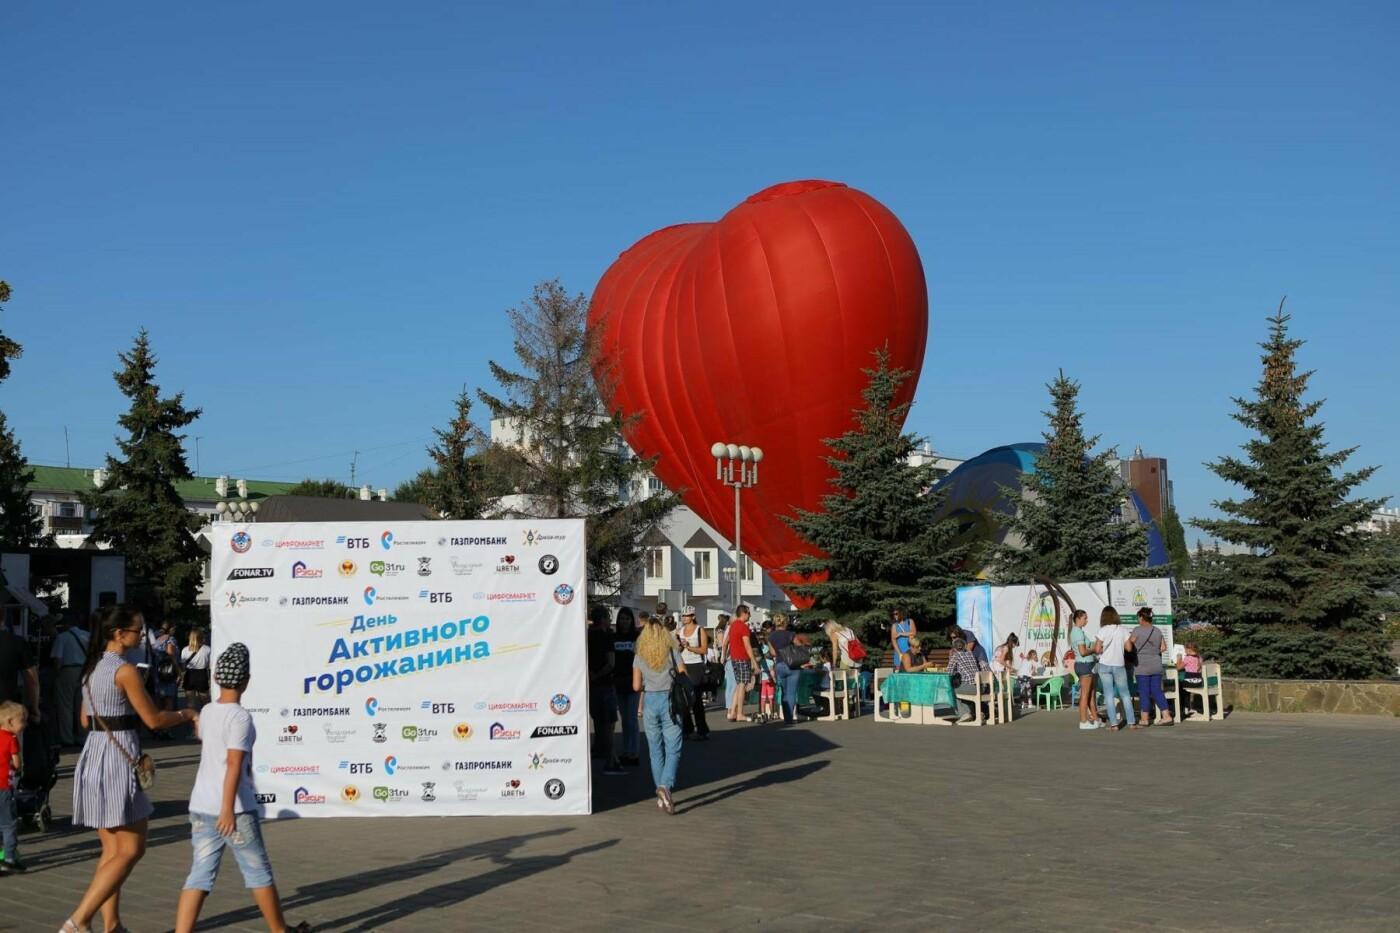 На день рождения «Активного горожанина» пришли сотни гостей, фото-16, Фото Антона Вергуна